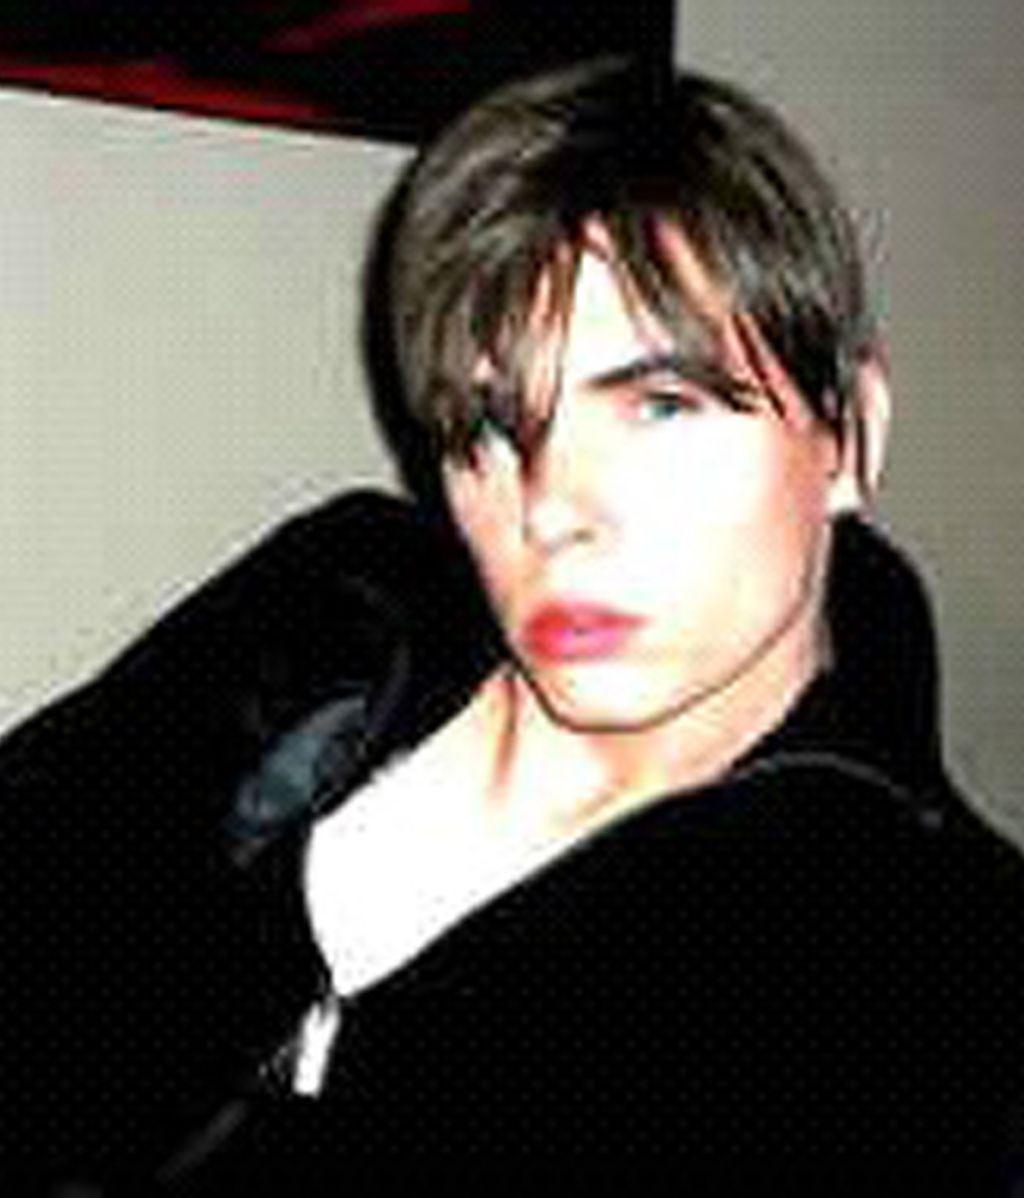 Así es Luka Rocca Magnotta, el 'canibal' de Canadá